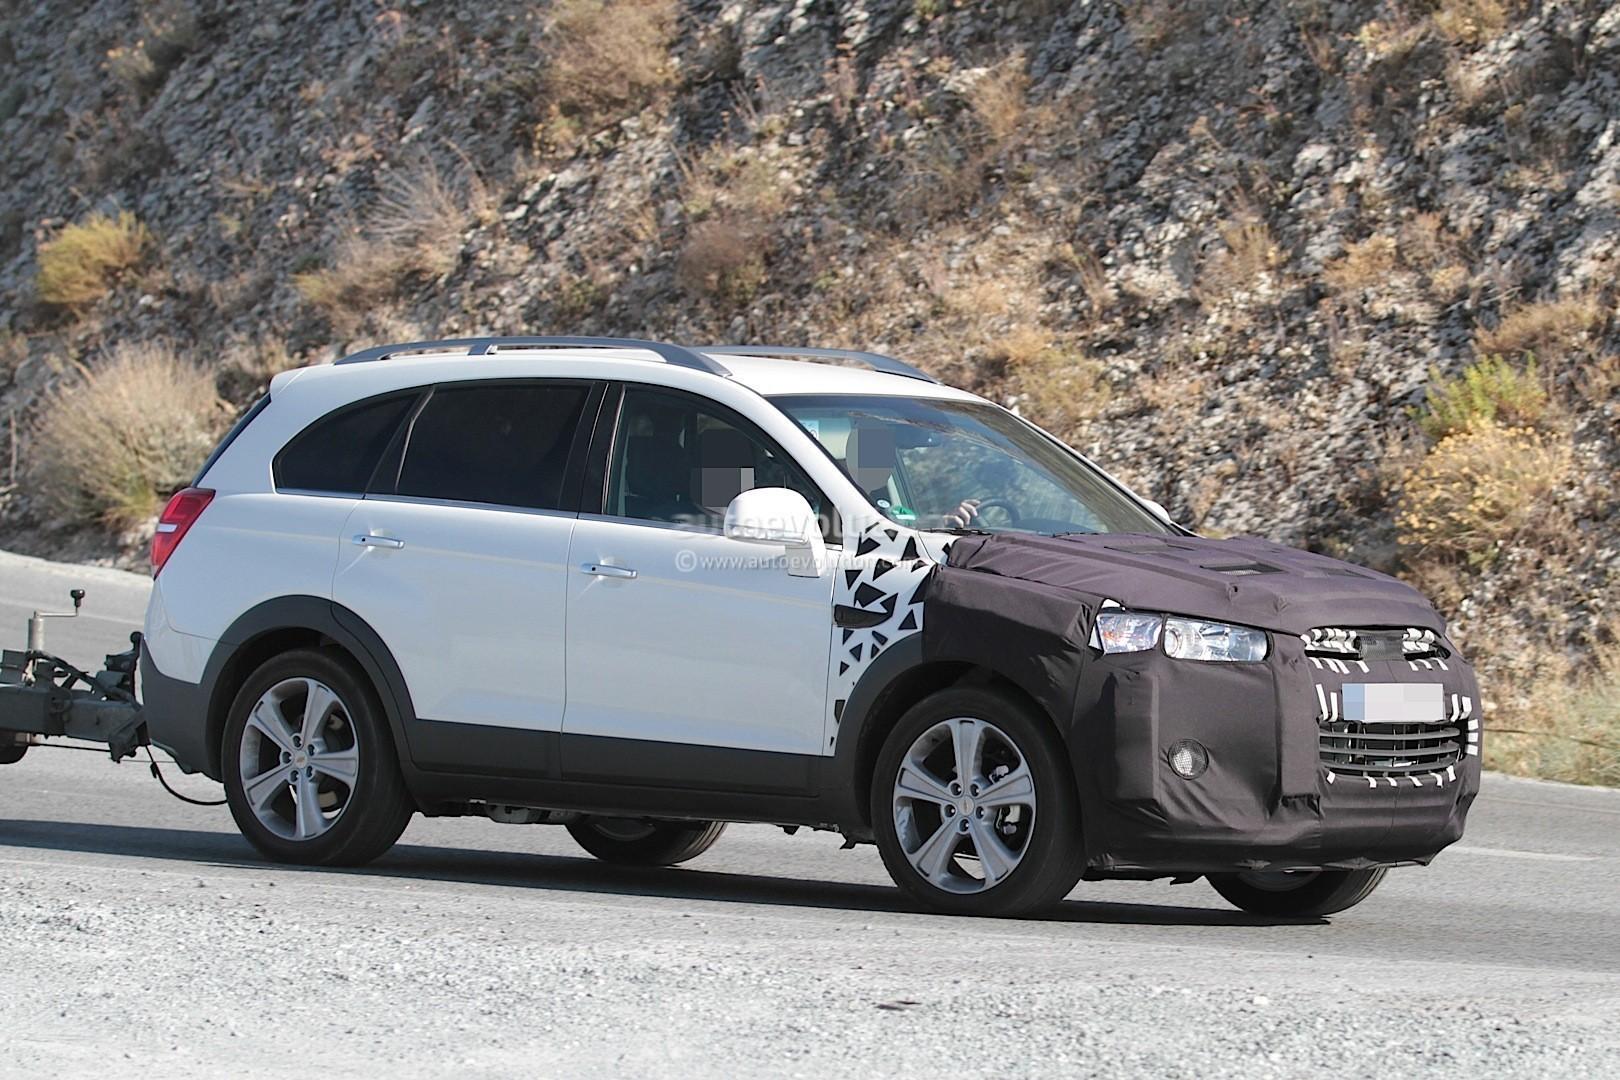 Kelebihan Kekurangan Chevrolet Captiva 2015 Review